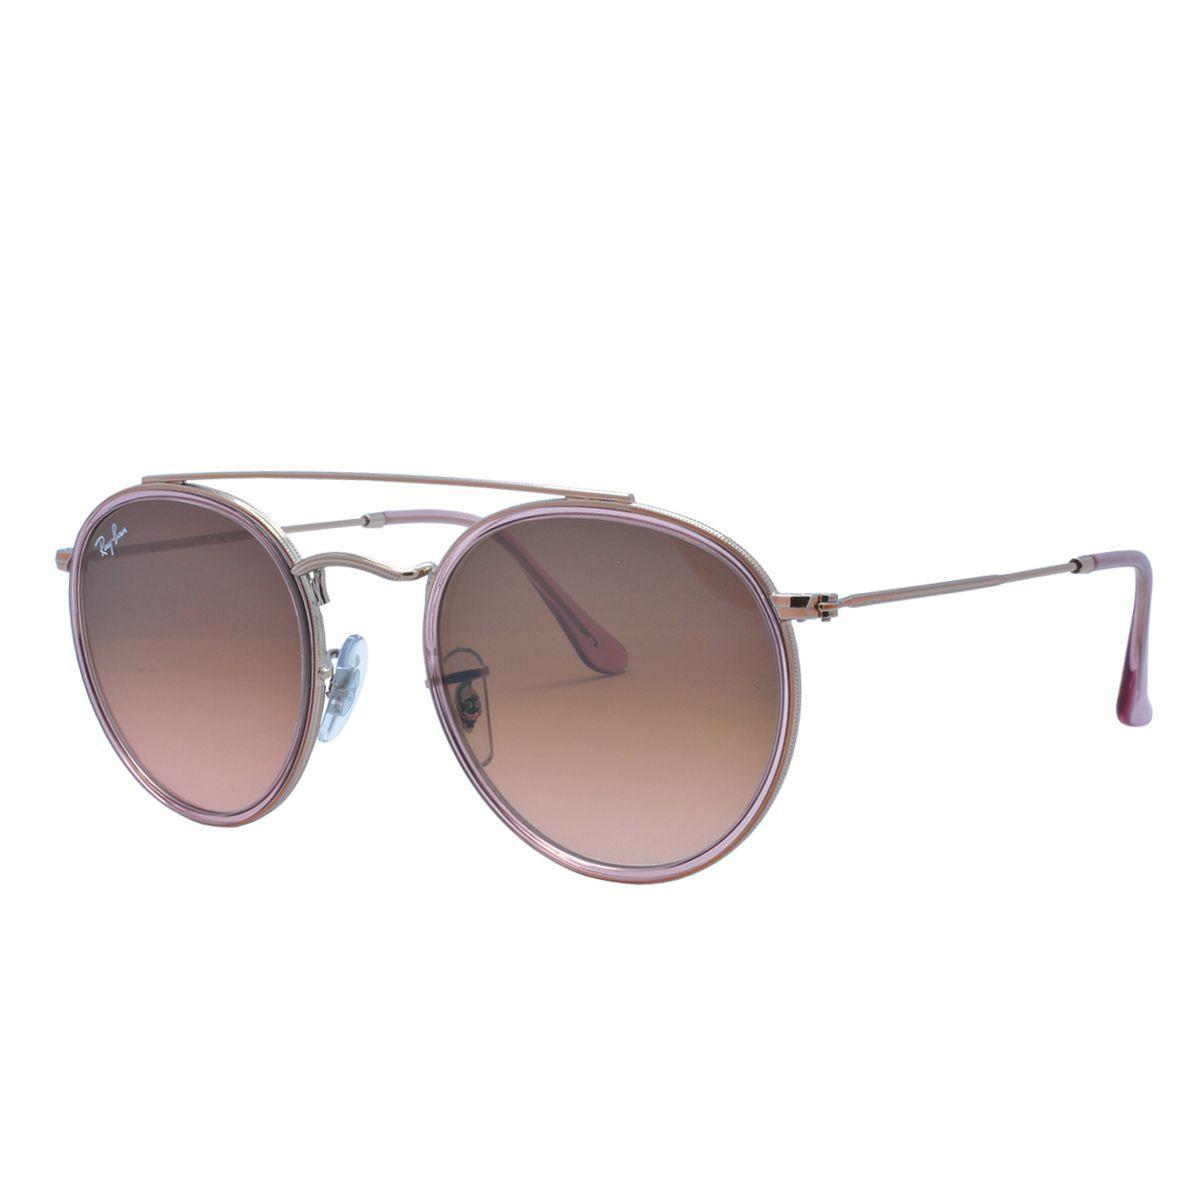 5ee3bf8be Óculos de Sol Ray Ban Unissex RB3647N Pink - Metal Rosé, Lente Marrom  Degradê R$ 626,00 à vista. Adicionar à sacola